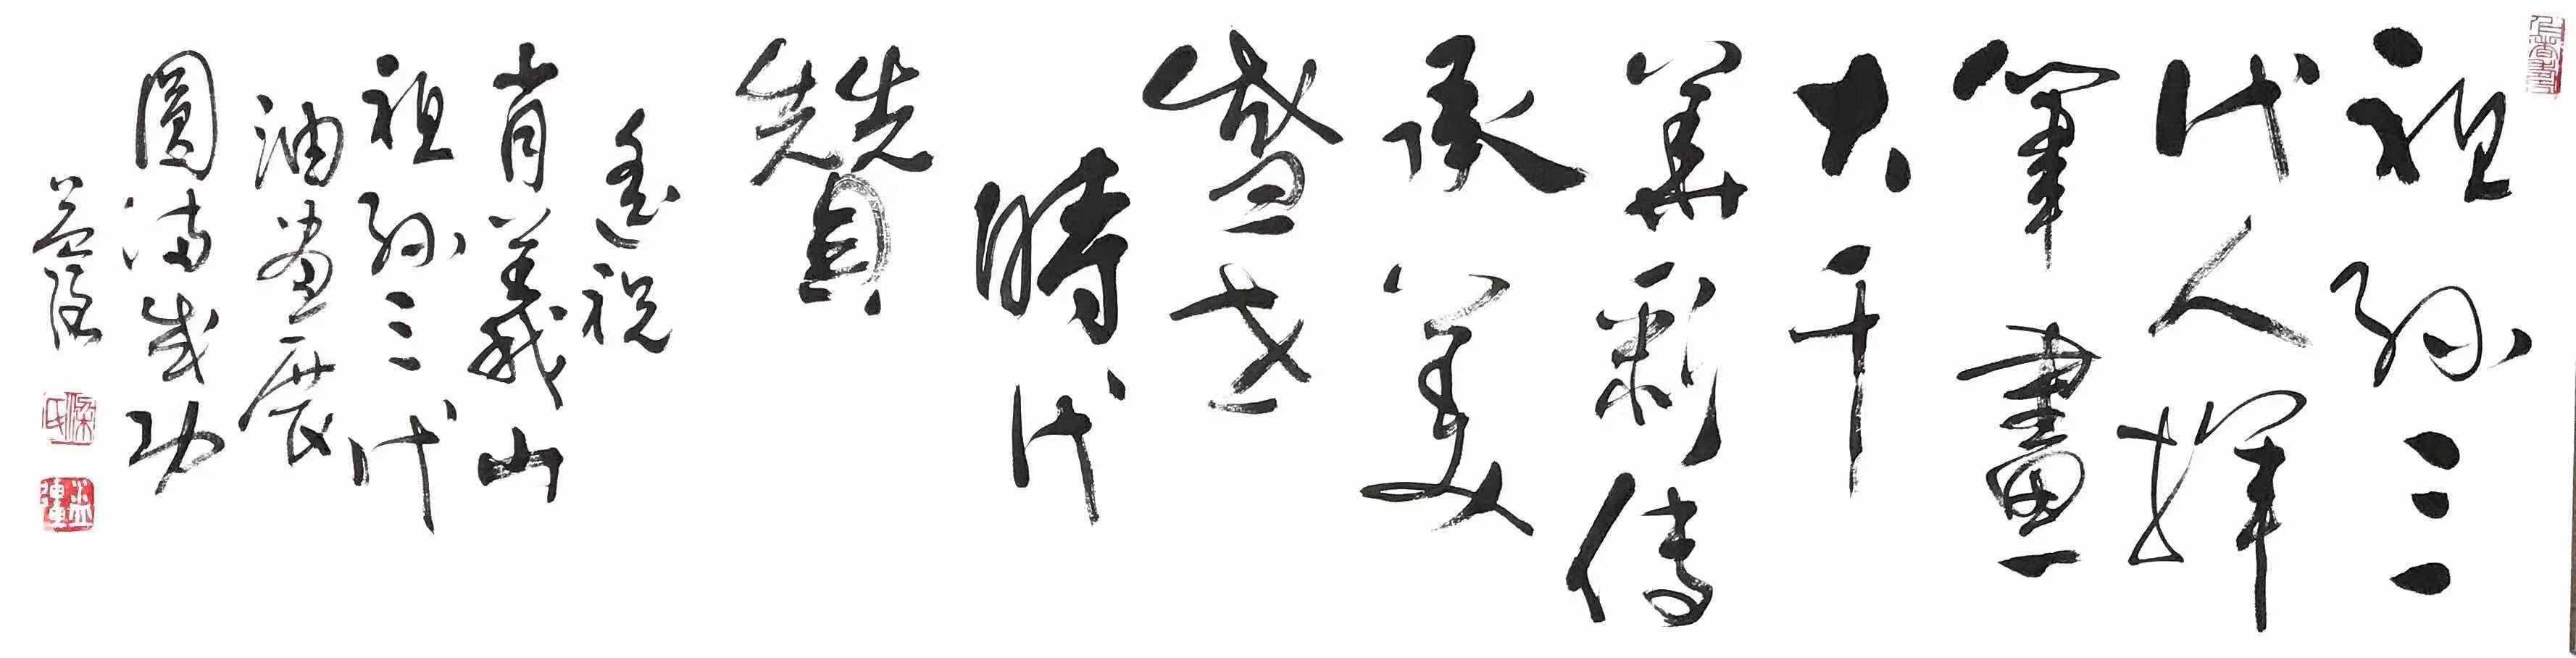 华彩传承——肖义山祖孙三代油画展